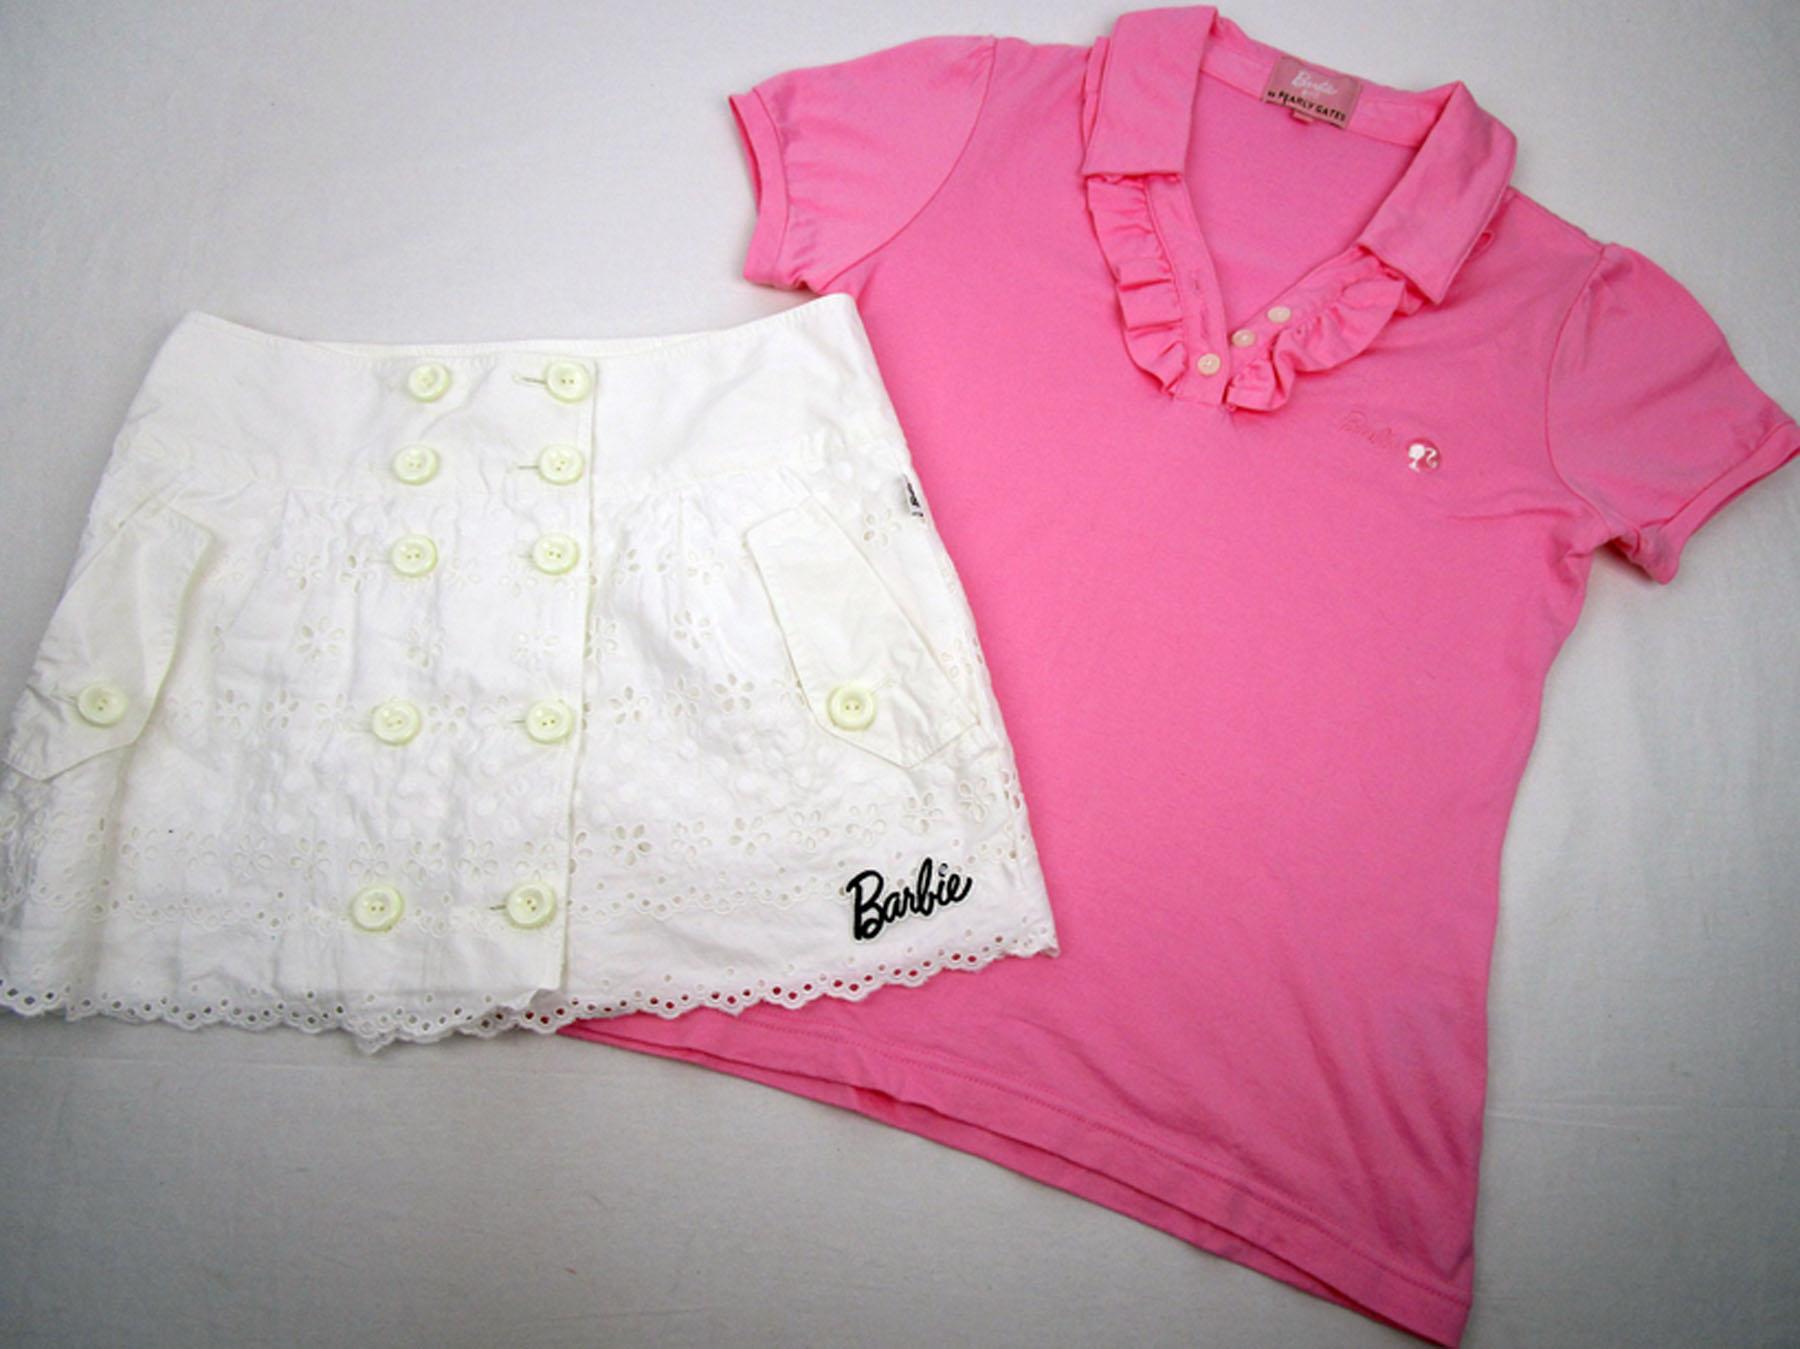 バービーゴルフ(byパーリーゲイツ)の春夏レディースゴルフウェア。詳細は、ピンクのフリルポロシャツとレース地のホワイトスカート。